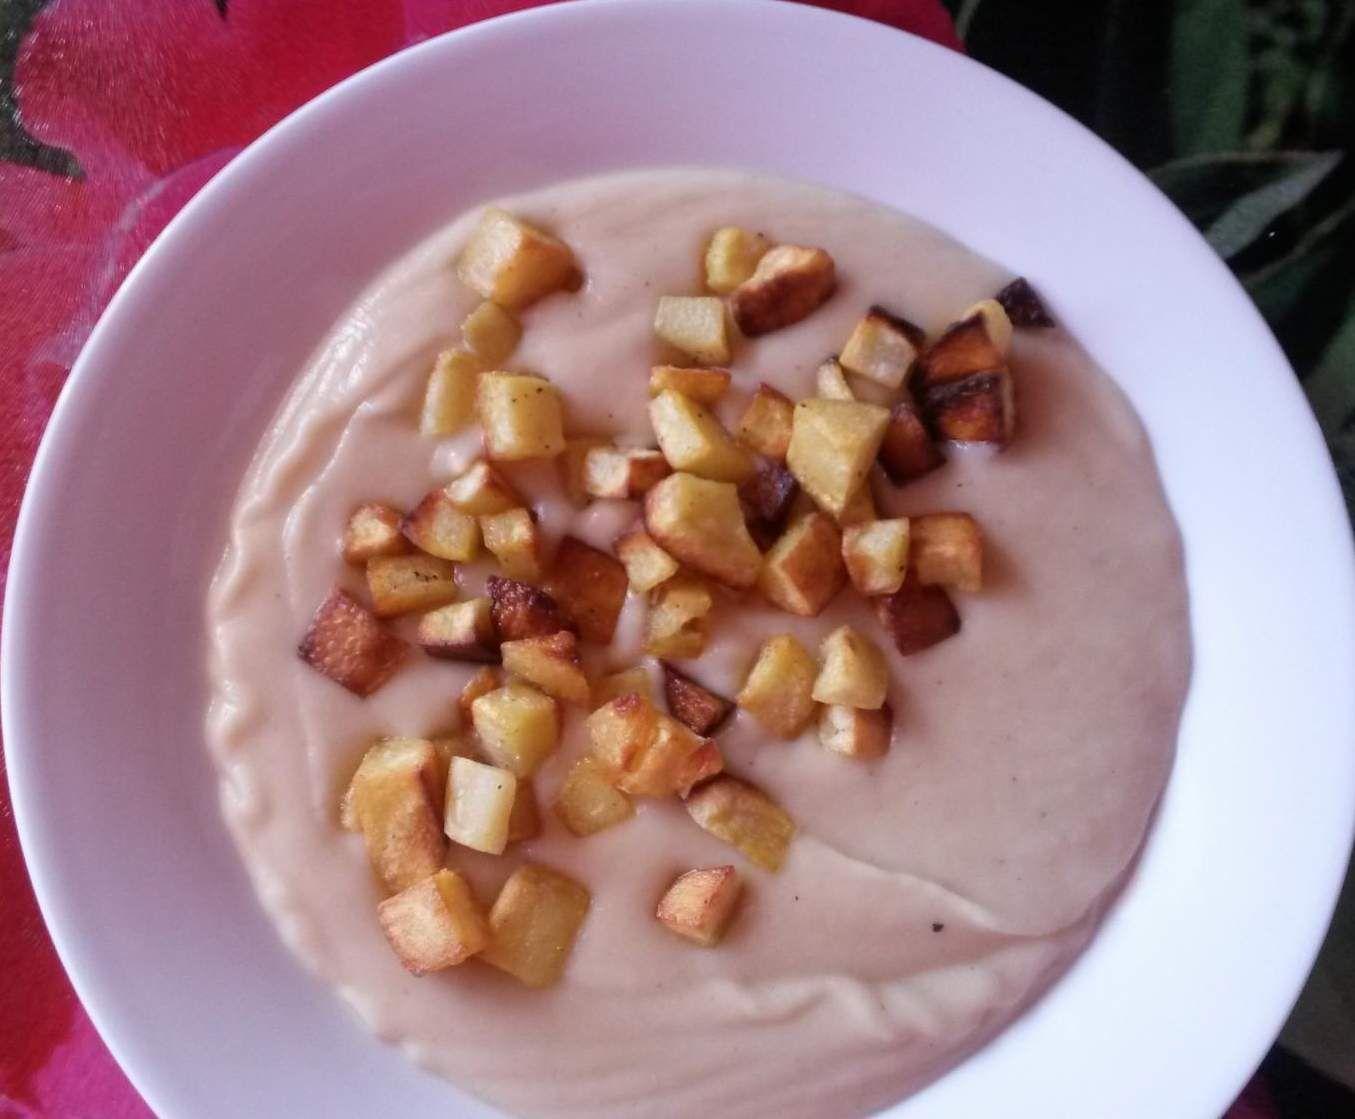 Rezept Selleriecremesuppe mit Koriander und Kartoffelwürfeln ~ milchfrei ! ~ von flipper1967 - Rezept der Kategorie Suppen